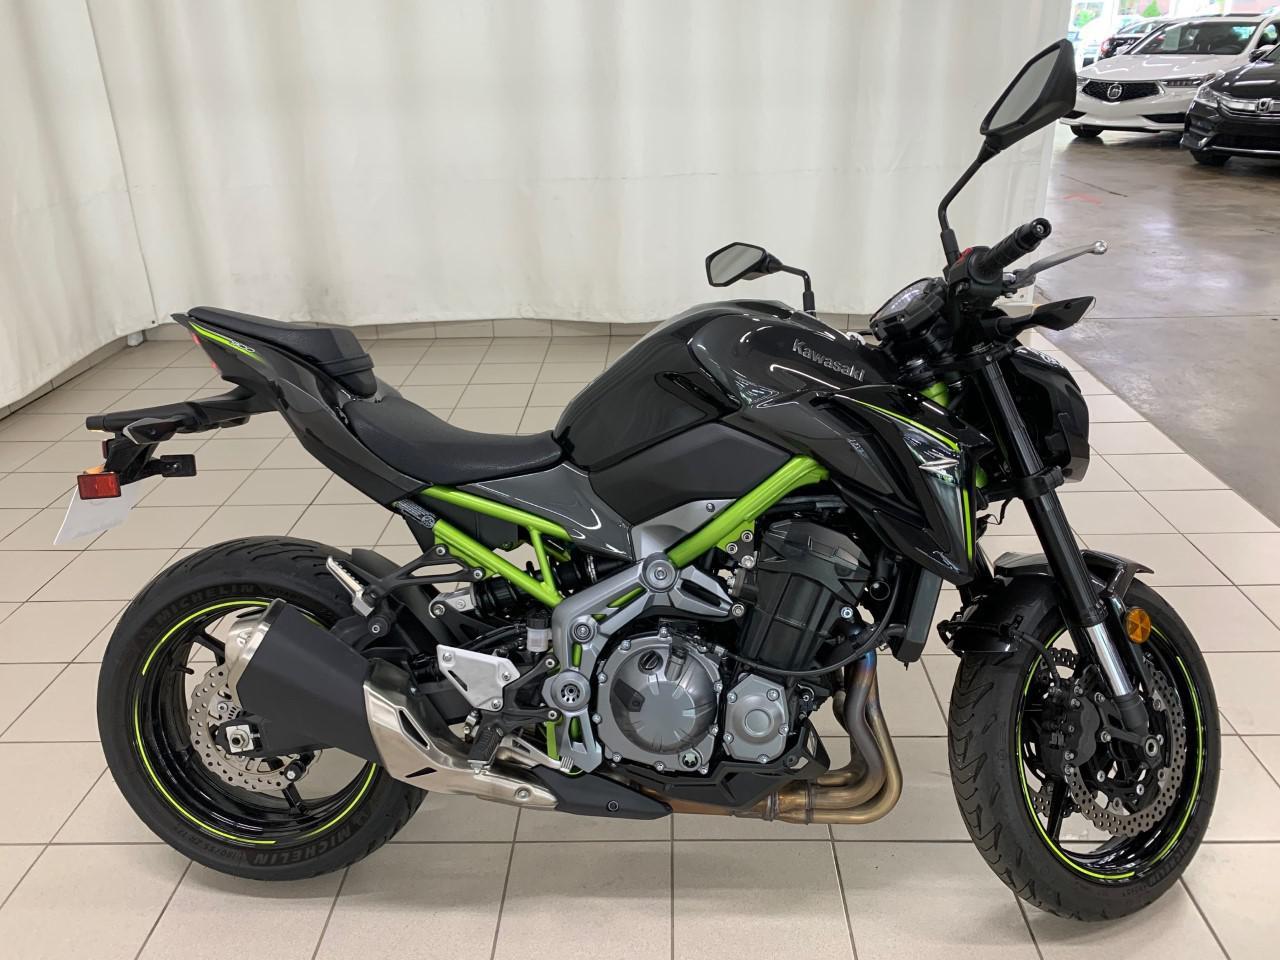 Kawasaki Z900 ABS 2017